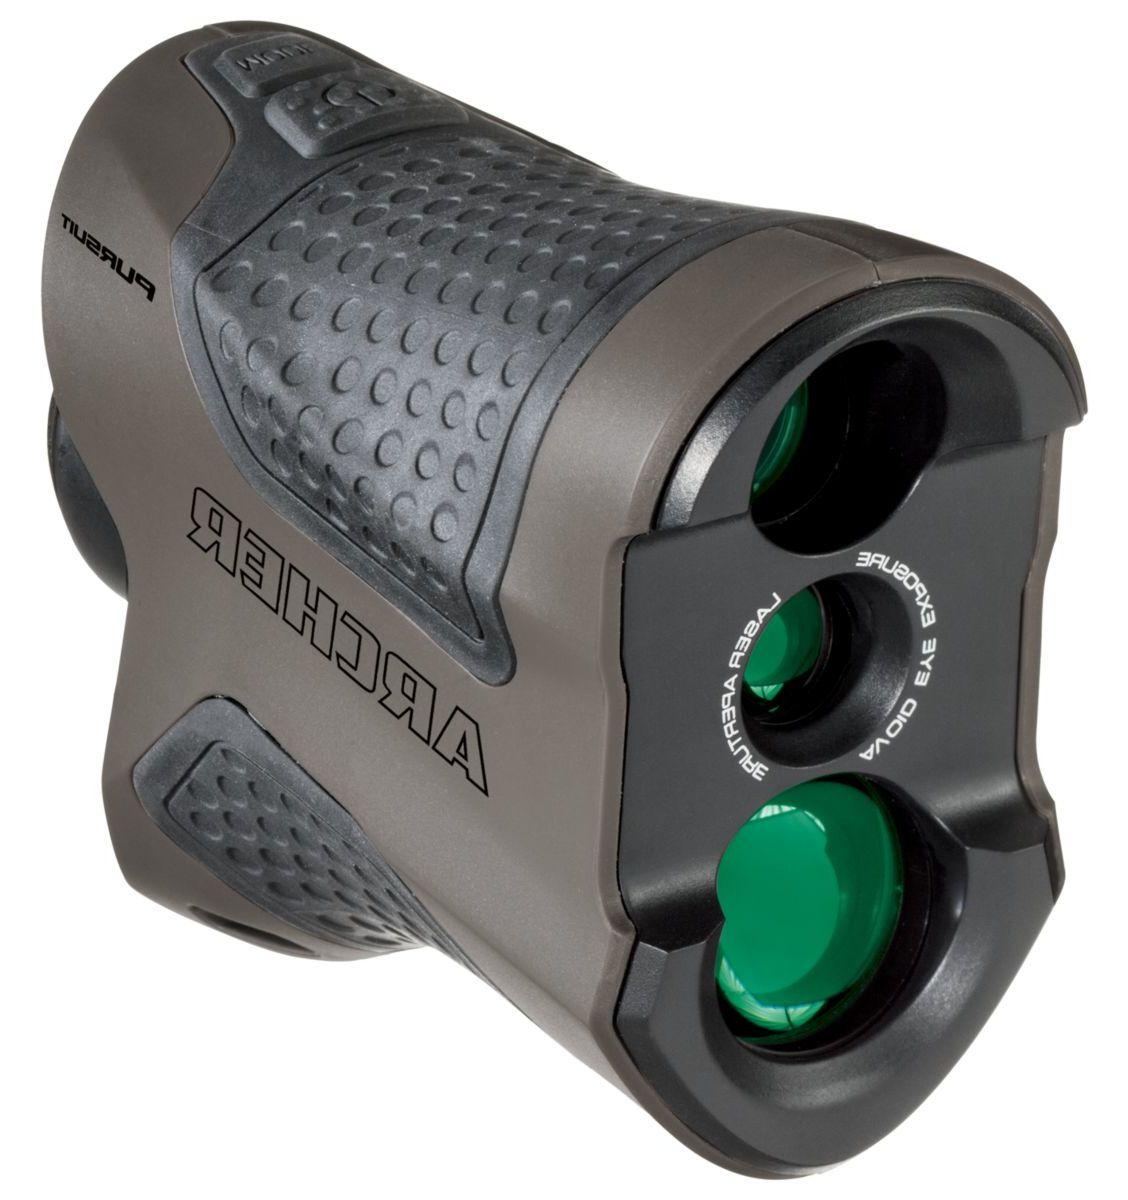 Pursuit Archer's Angle Laser Rangefinder